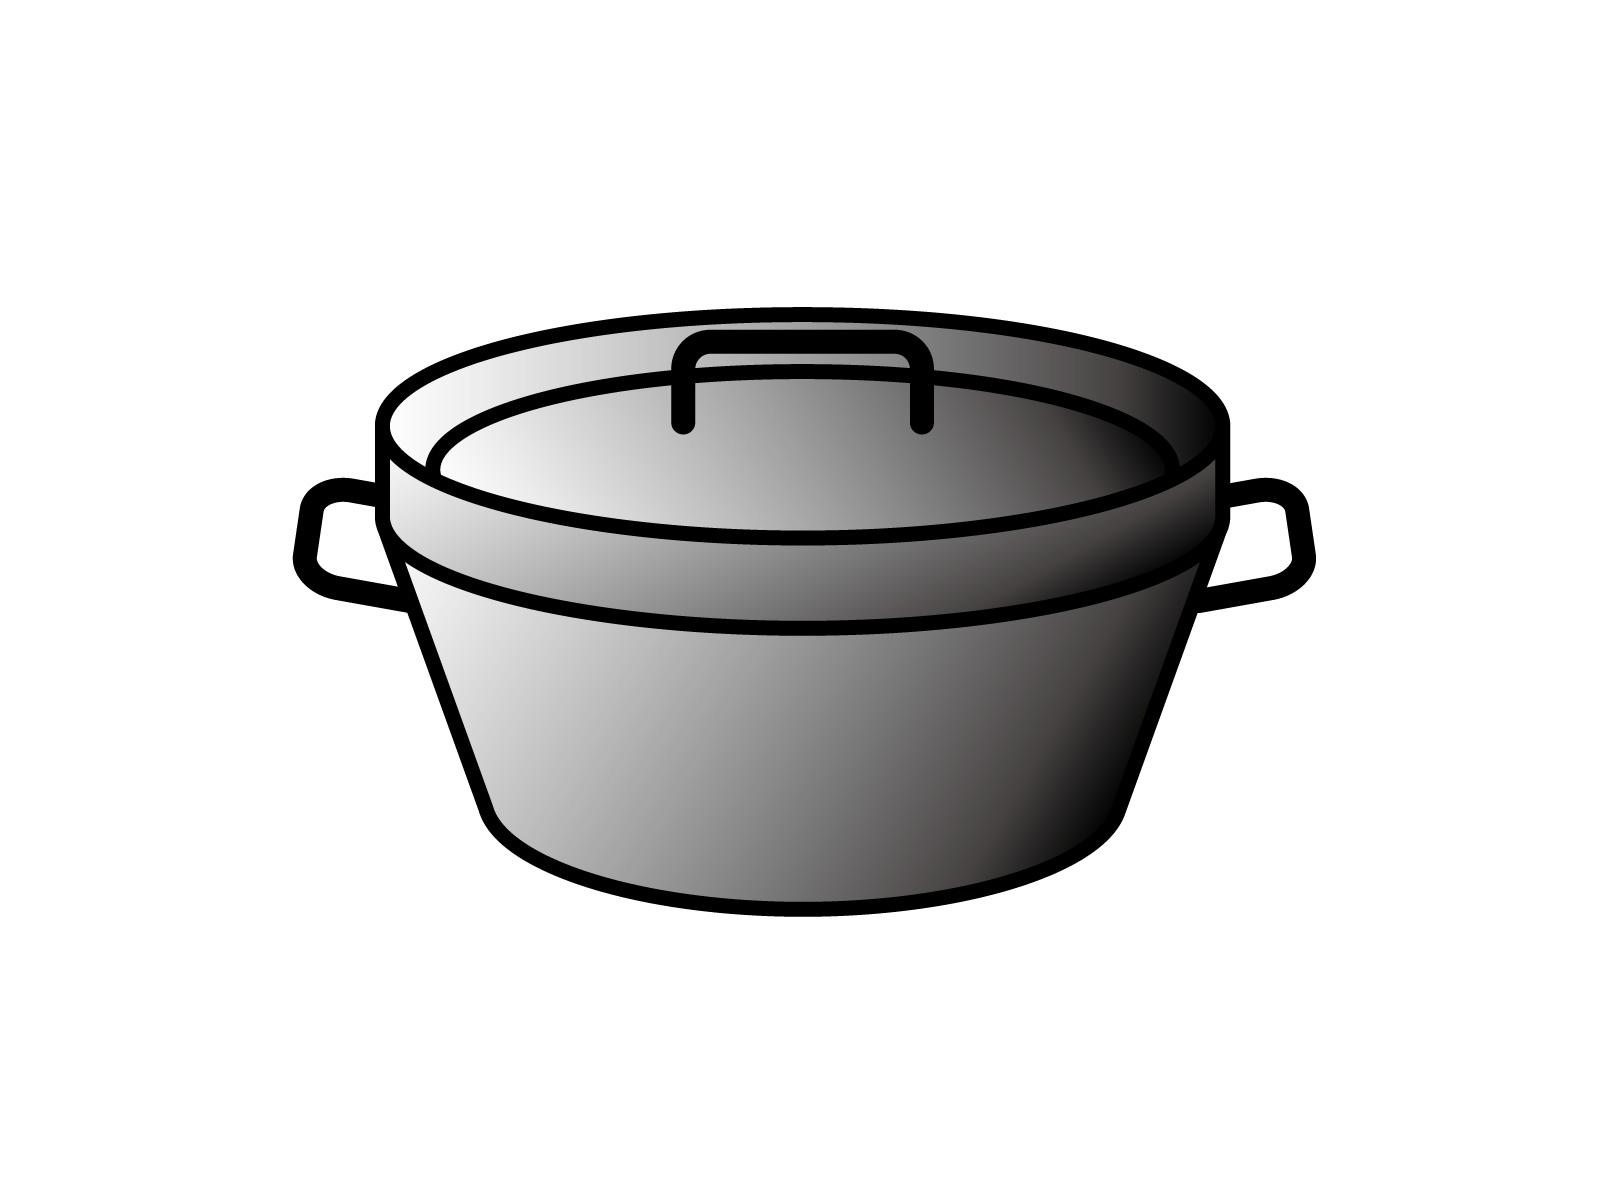 ダッチオーブンイラスト